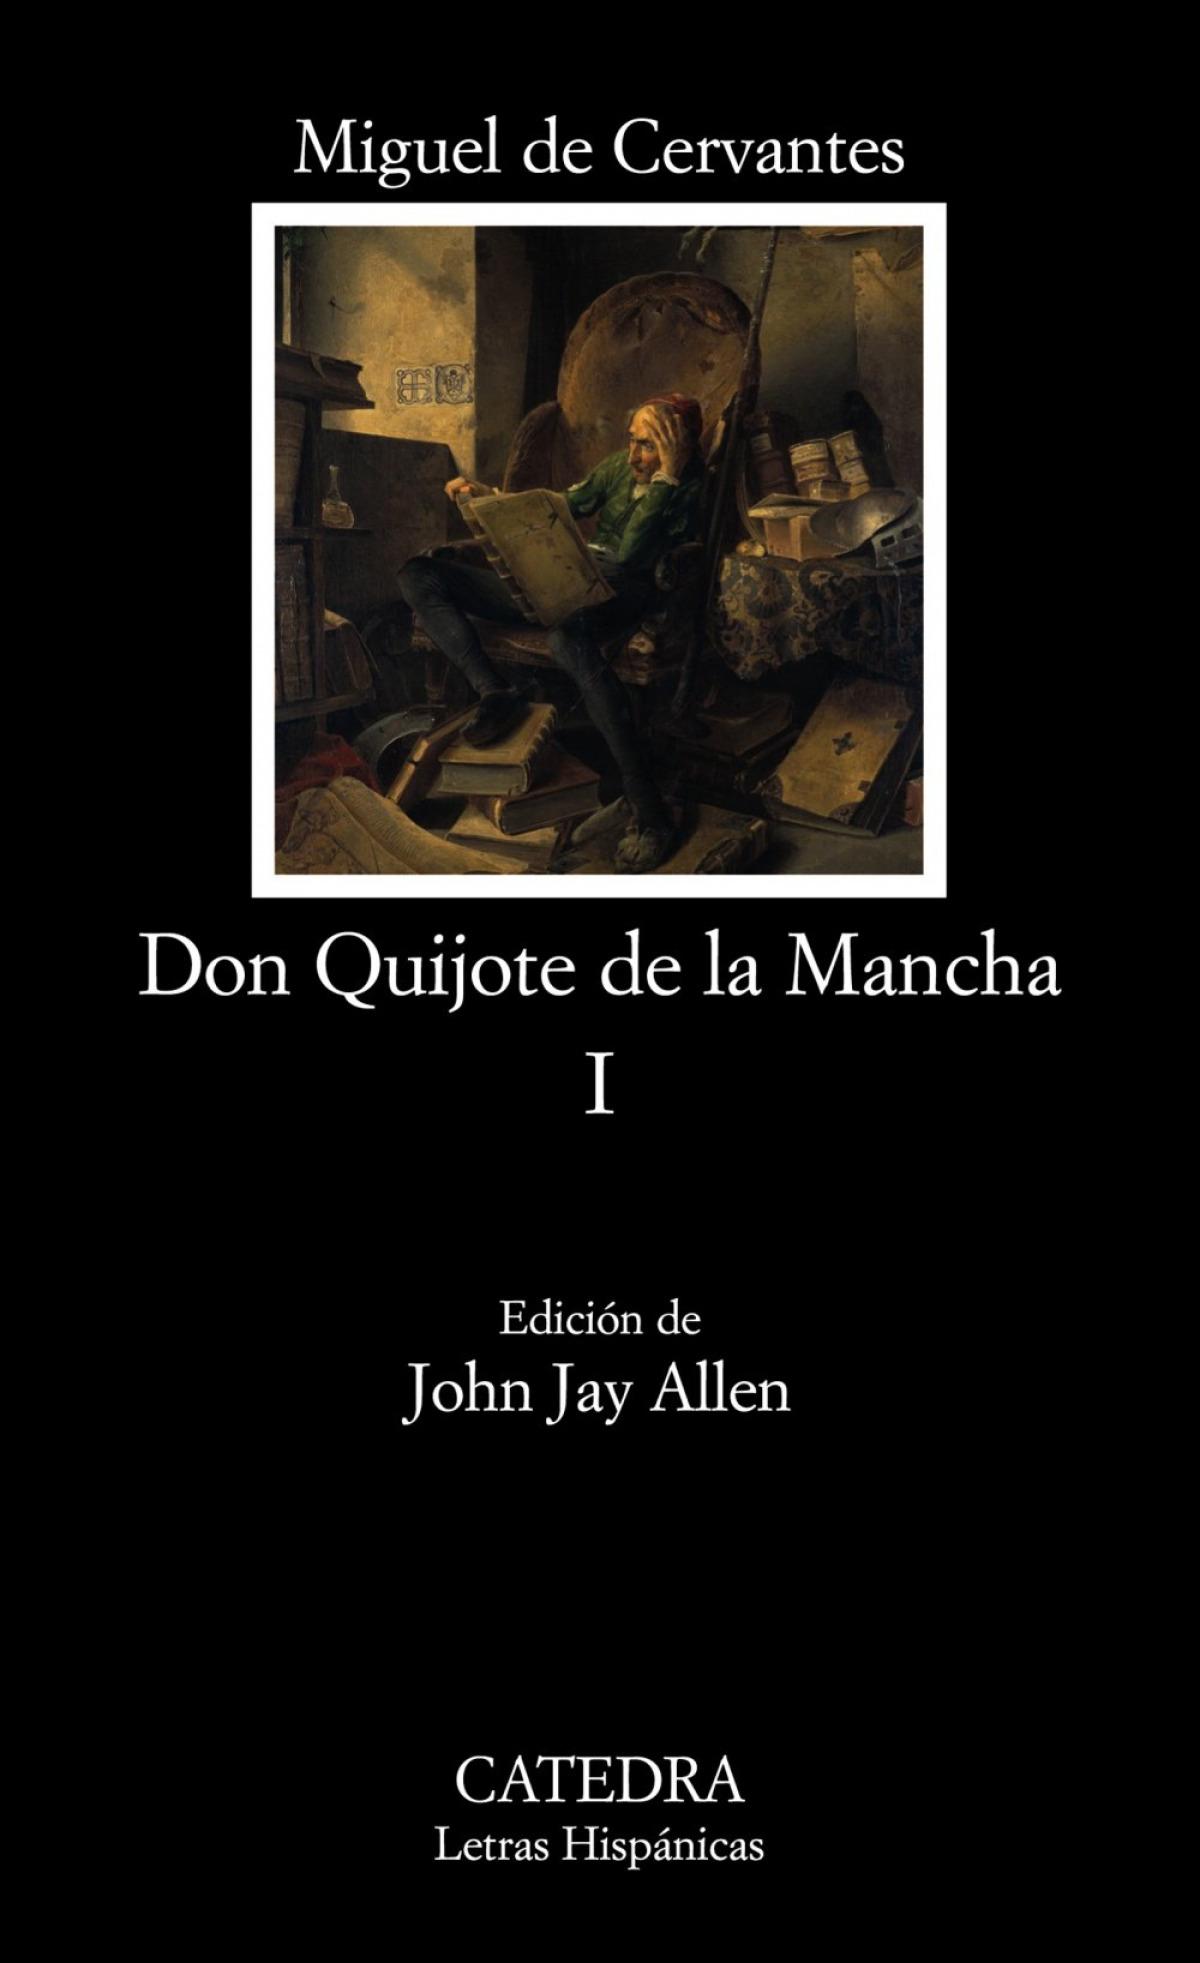 Don Quijote de la Mancha, I 9788437622149